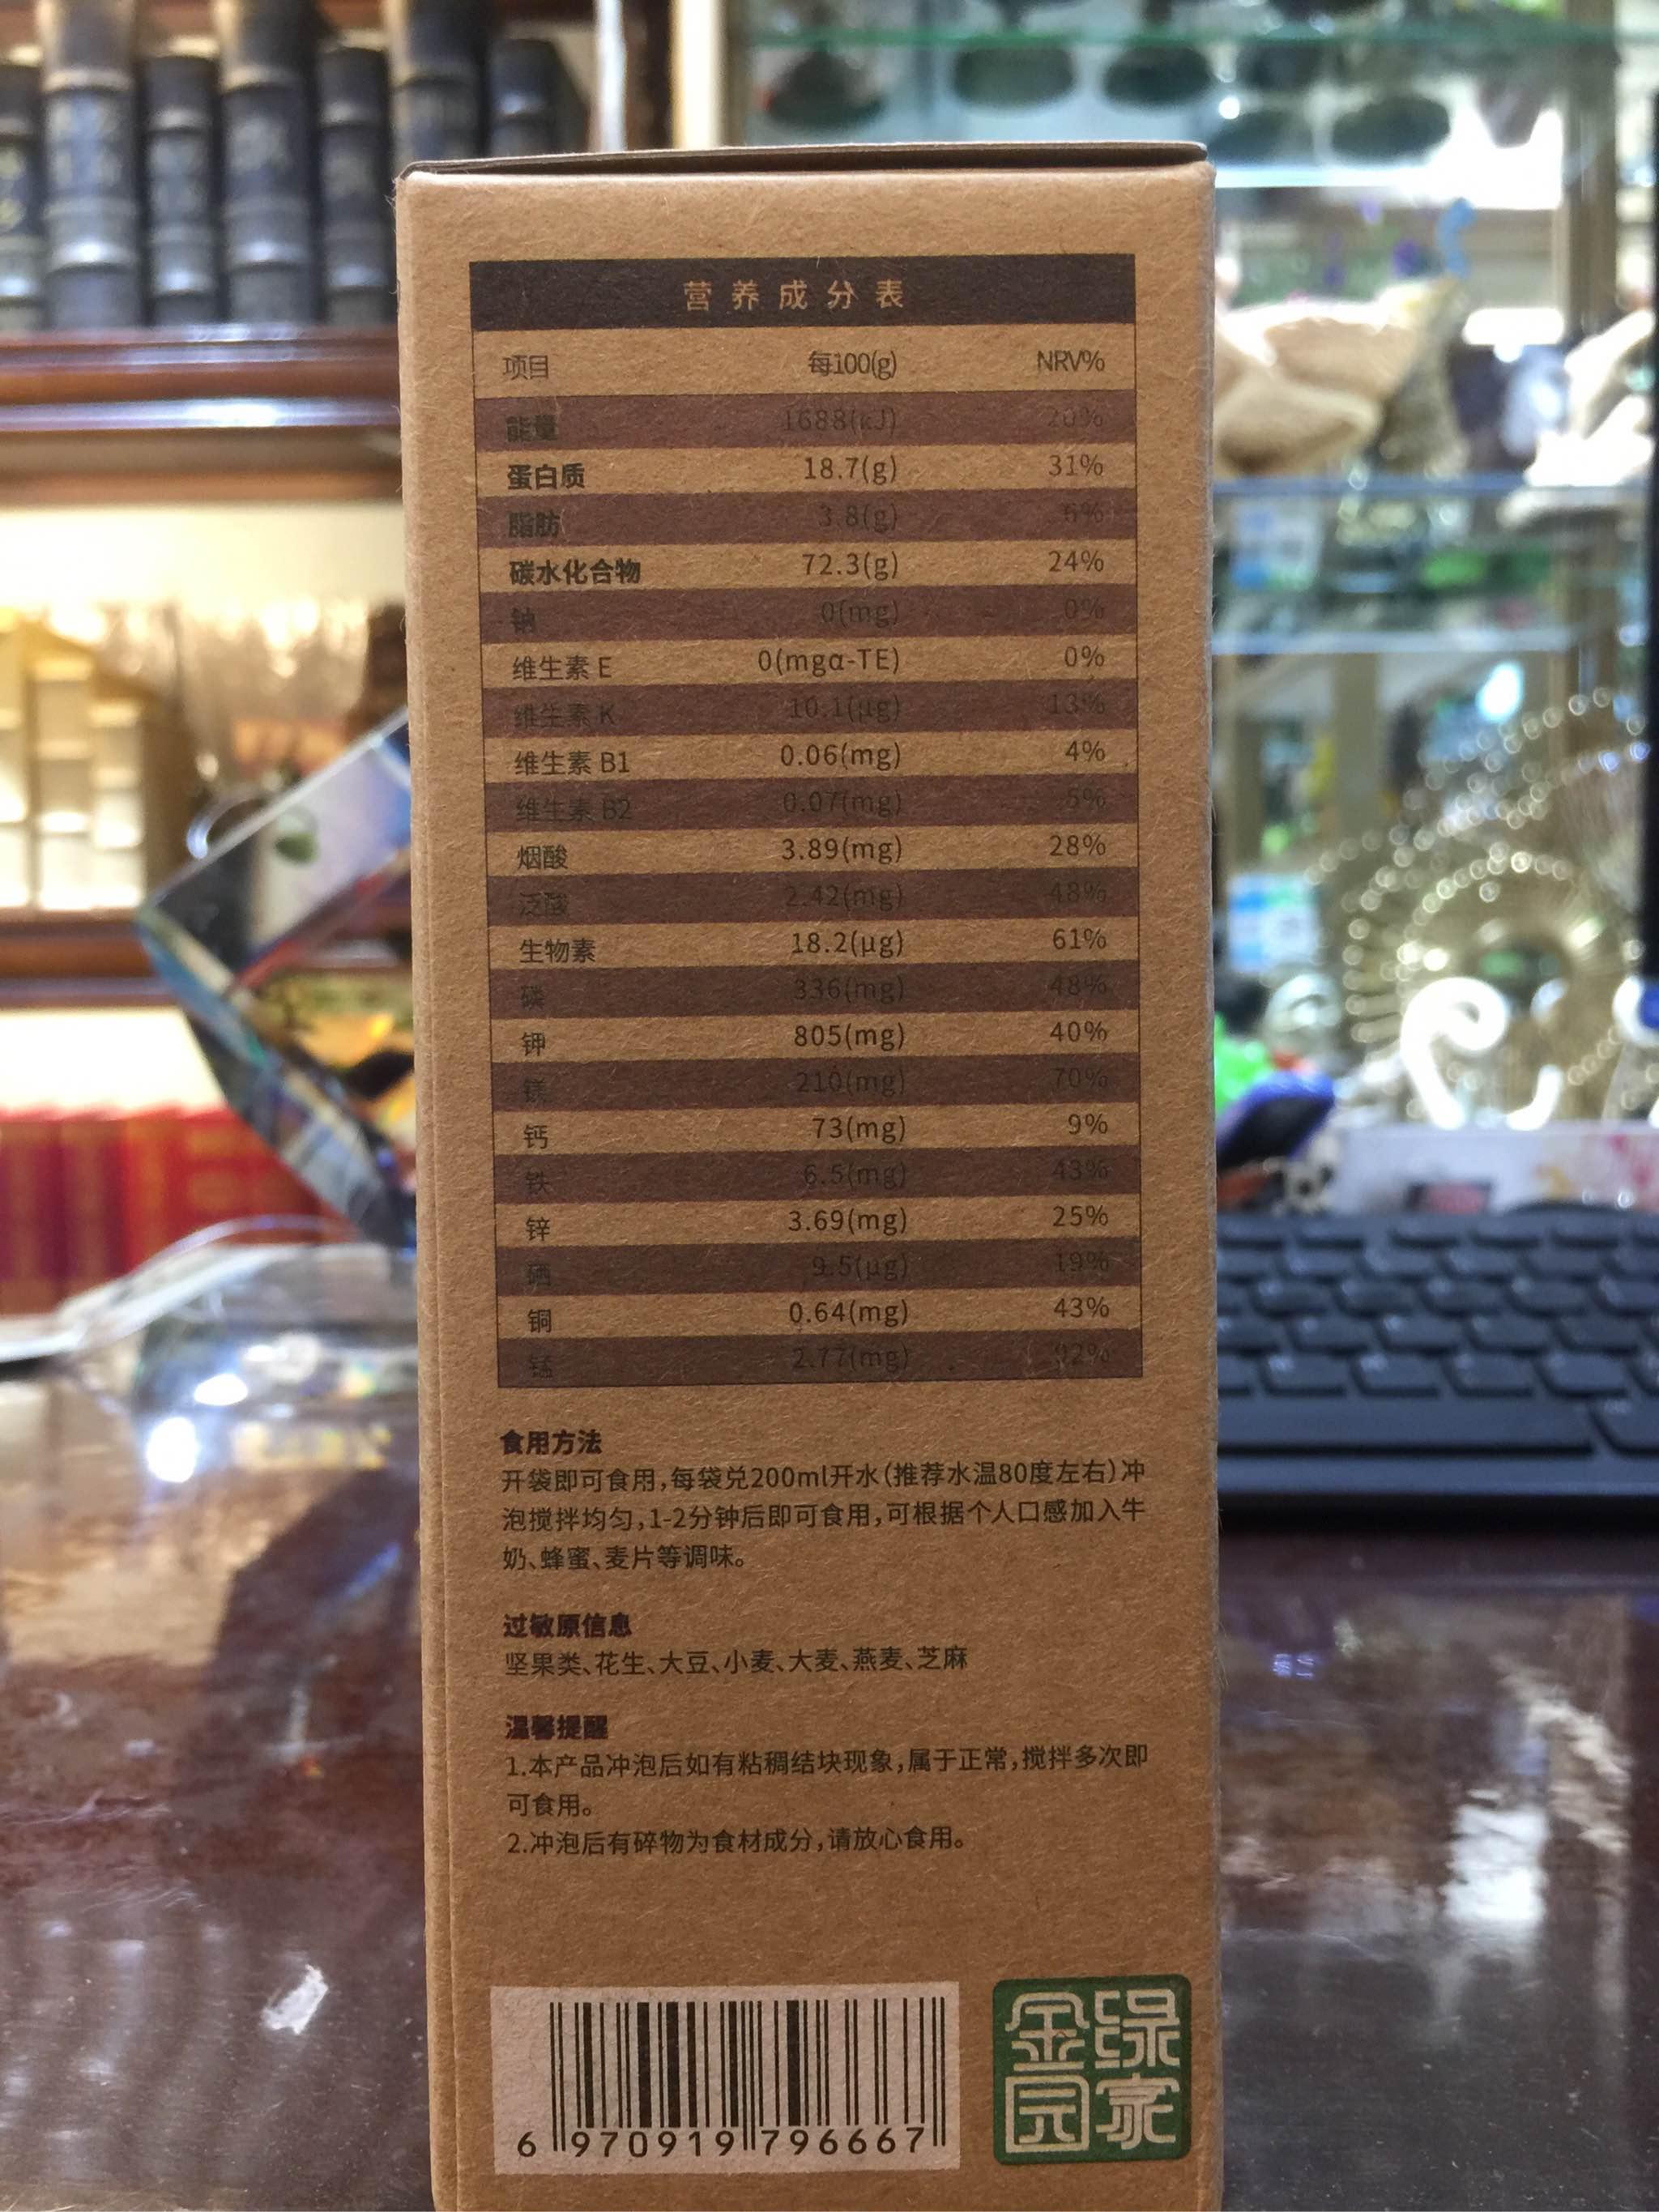 南京同仁堂159代餐粉